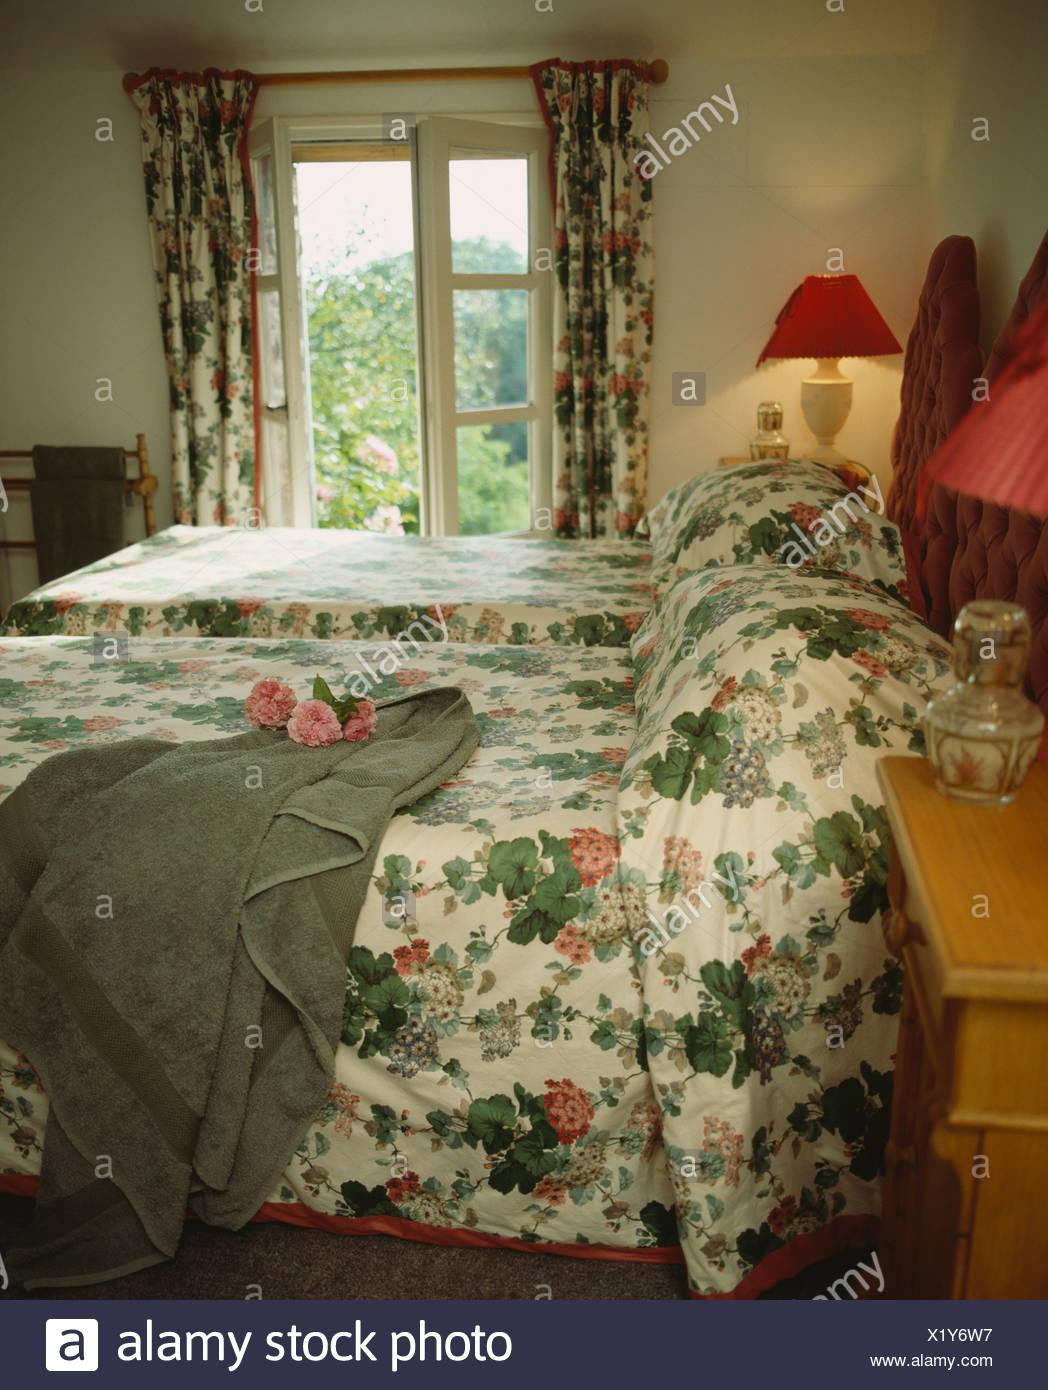 Full Size of Graue Badetuch Auf Dem Bett Mit Floralen Bettdecke In Lampe Schlafzimmer Lampen Kommode Deckenleuchte Komplette Klimagerät Für Truhe Teppich Komplettes Wohnzimmer Gardinen Schlafzimmer Landhausstil